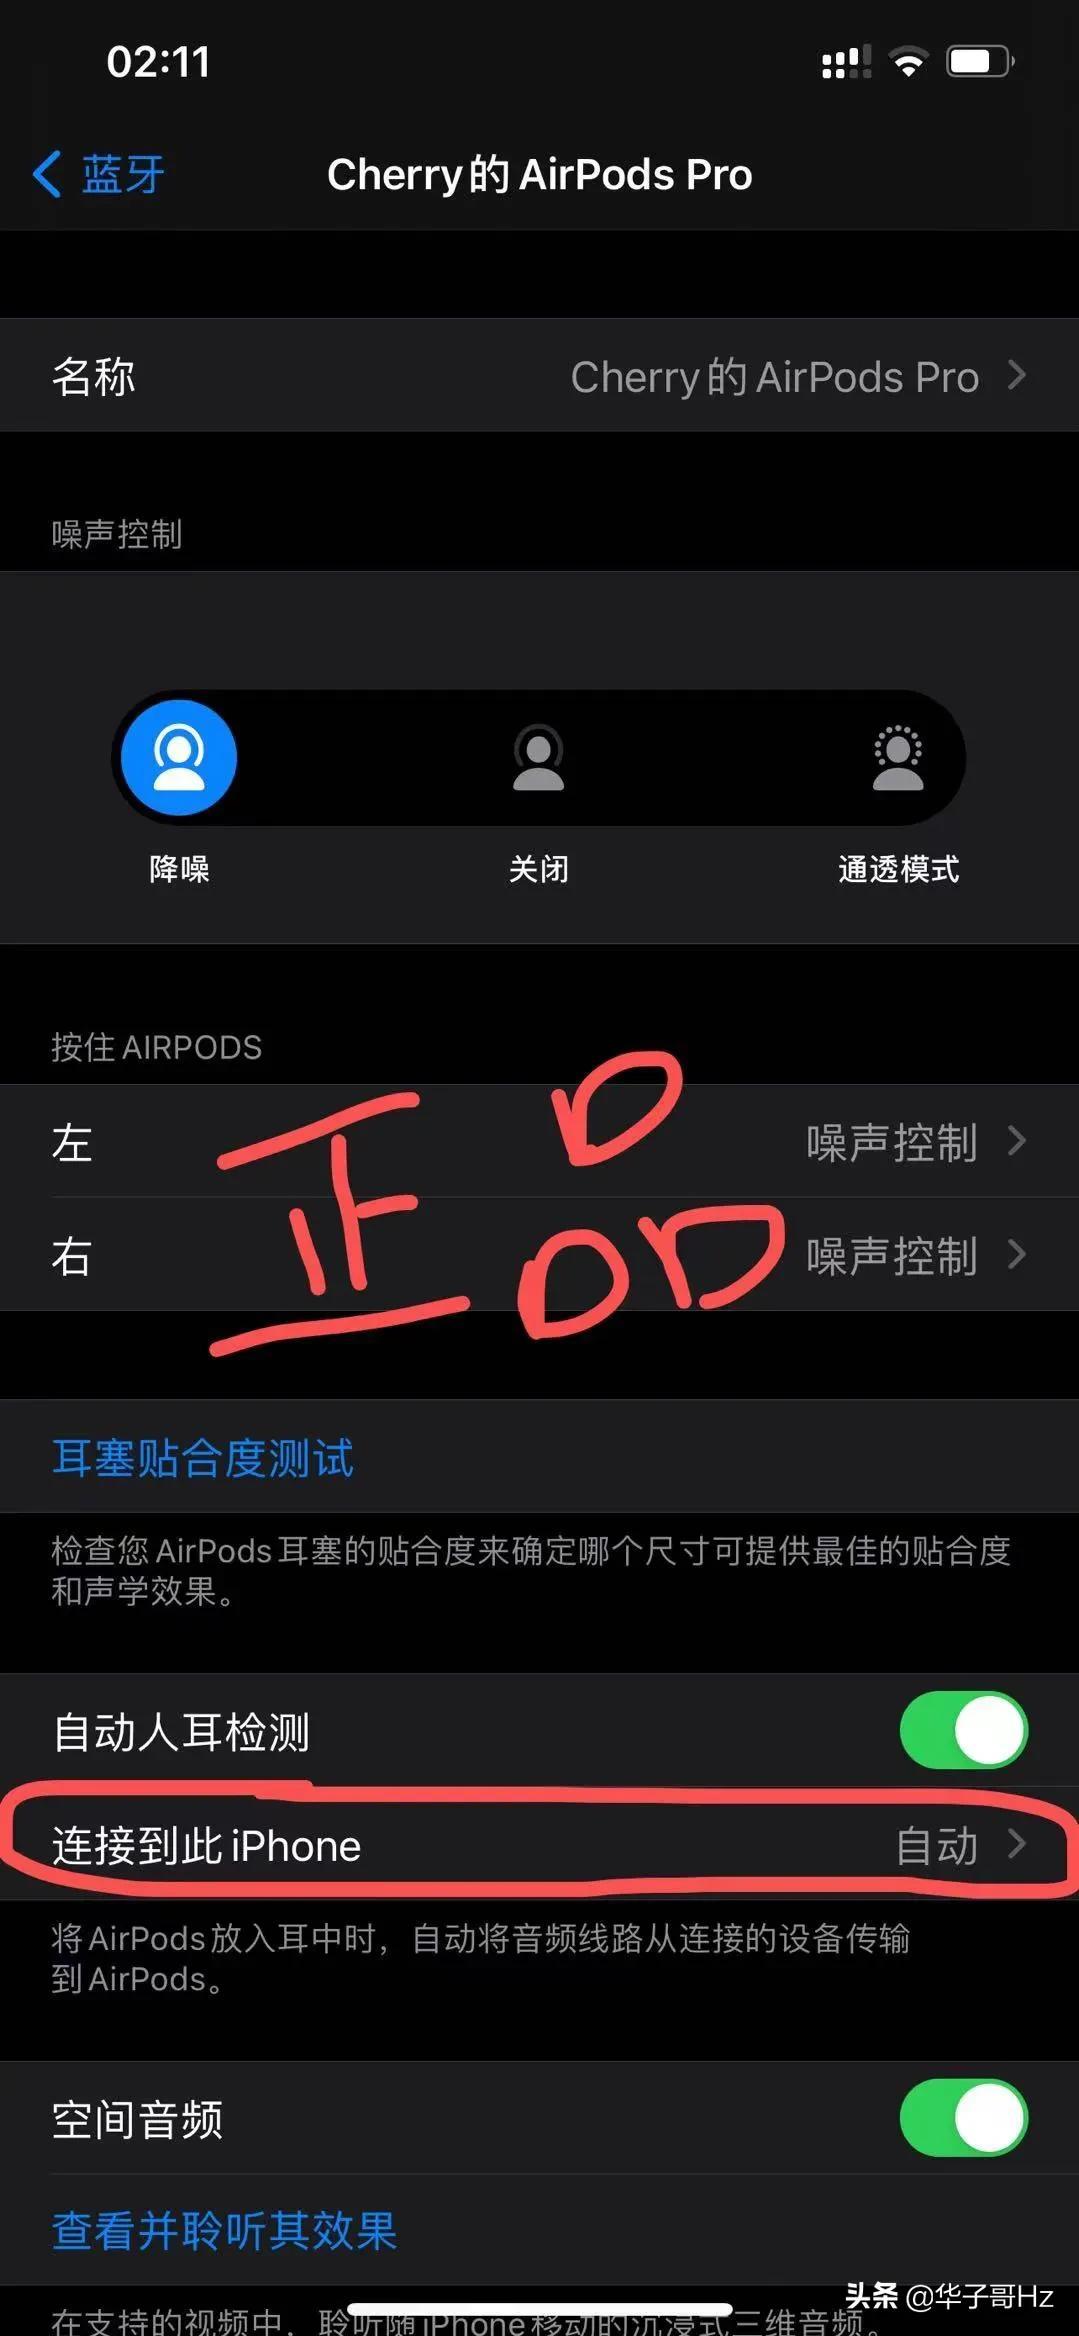 洛達1562A AirPods pro對比蘋果正品無線藍牙耳機區別在哪里?